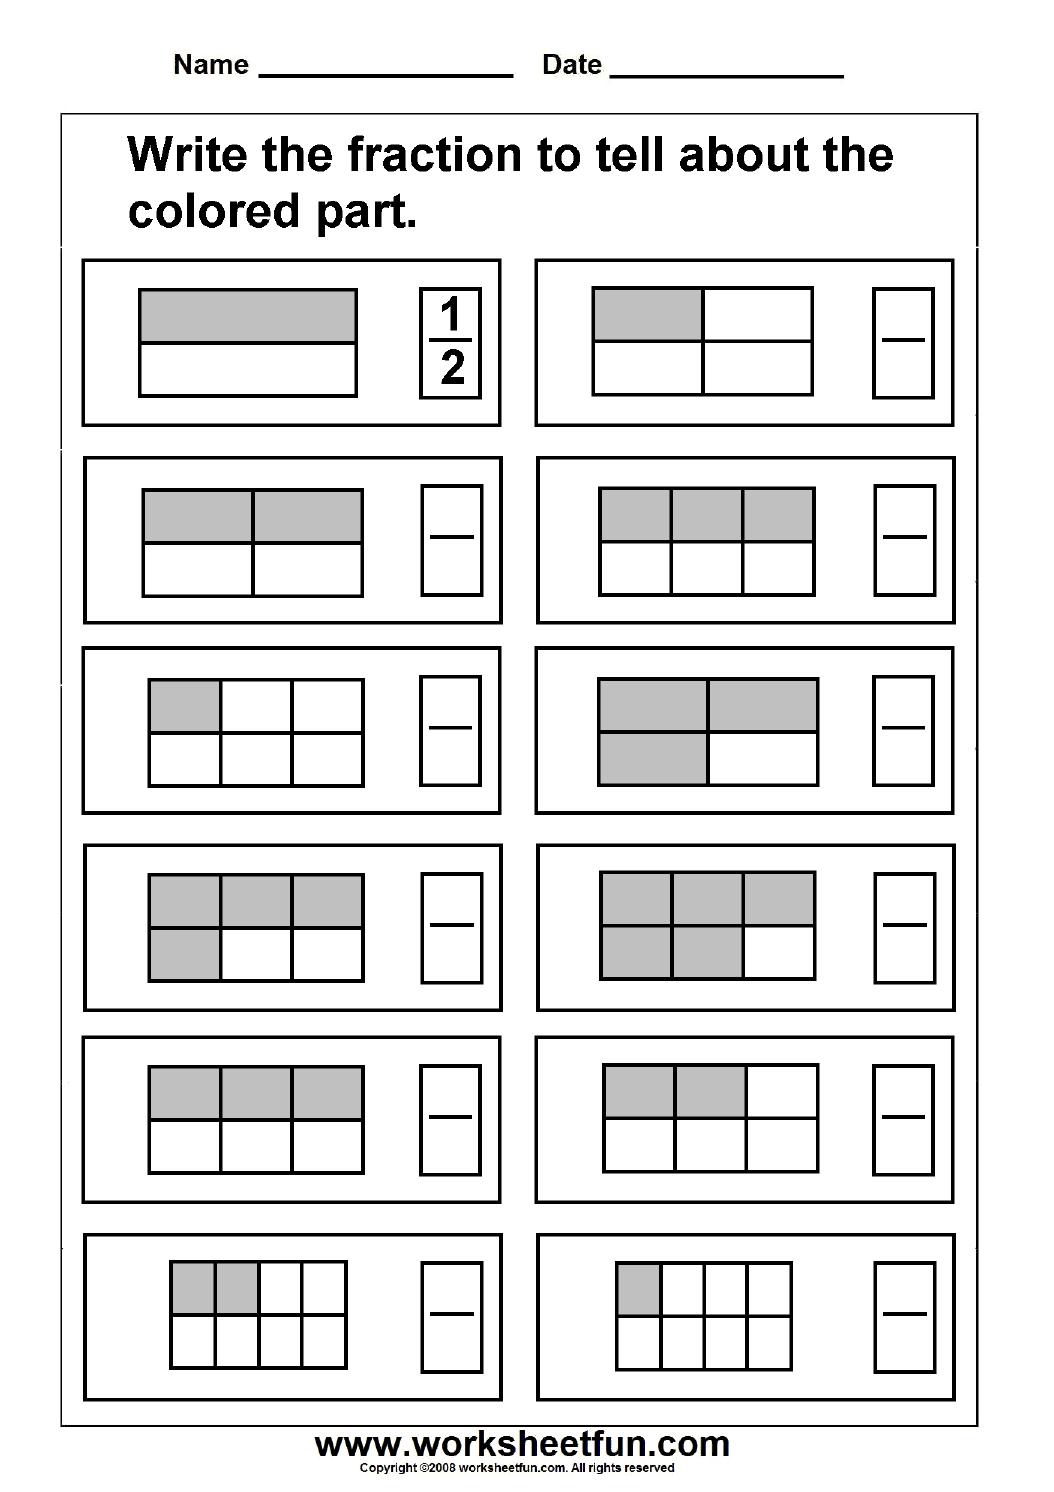 Fraction Model 3 Worksheets Free Printable Worksheets Fractions Worksheets Learning Math 3rd Grade Math Worksheets